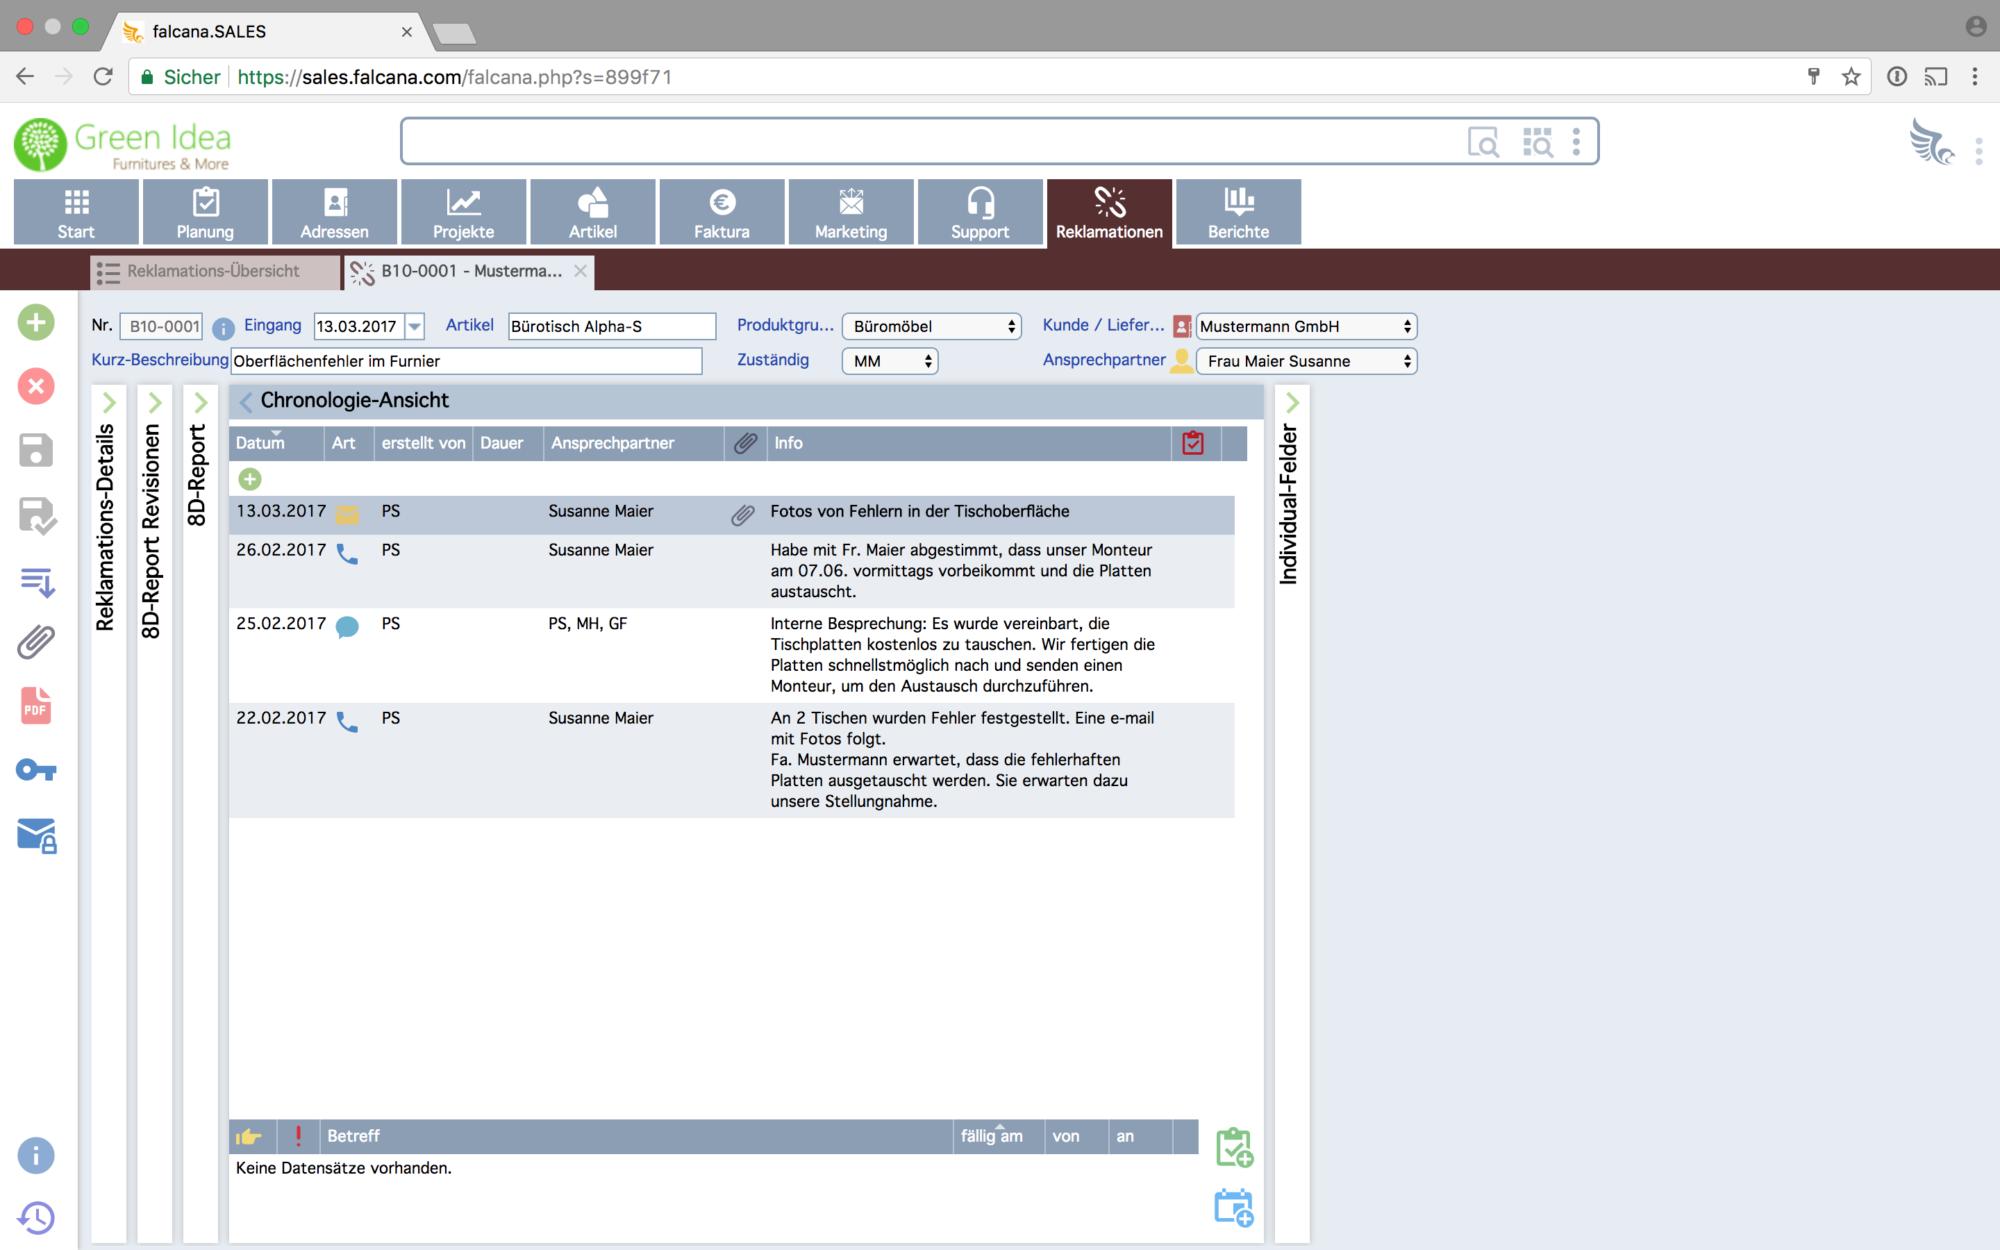 Musterbriefe Reklamationen Beantworten : Software für reklamationen und support falcana sales